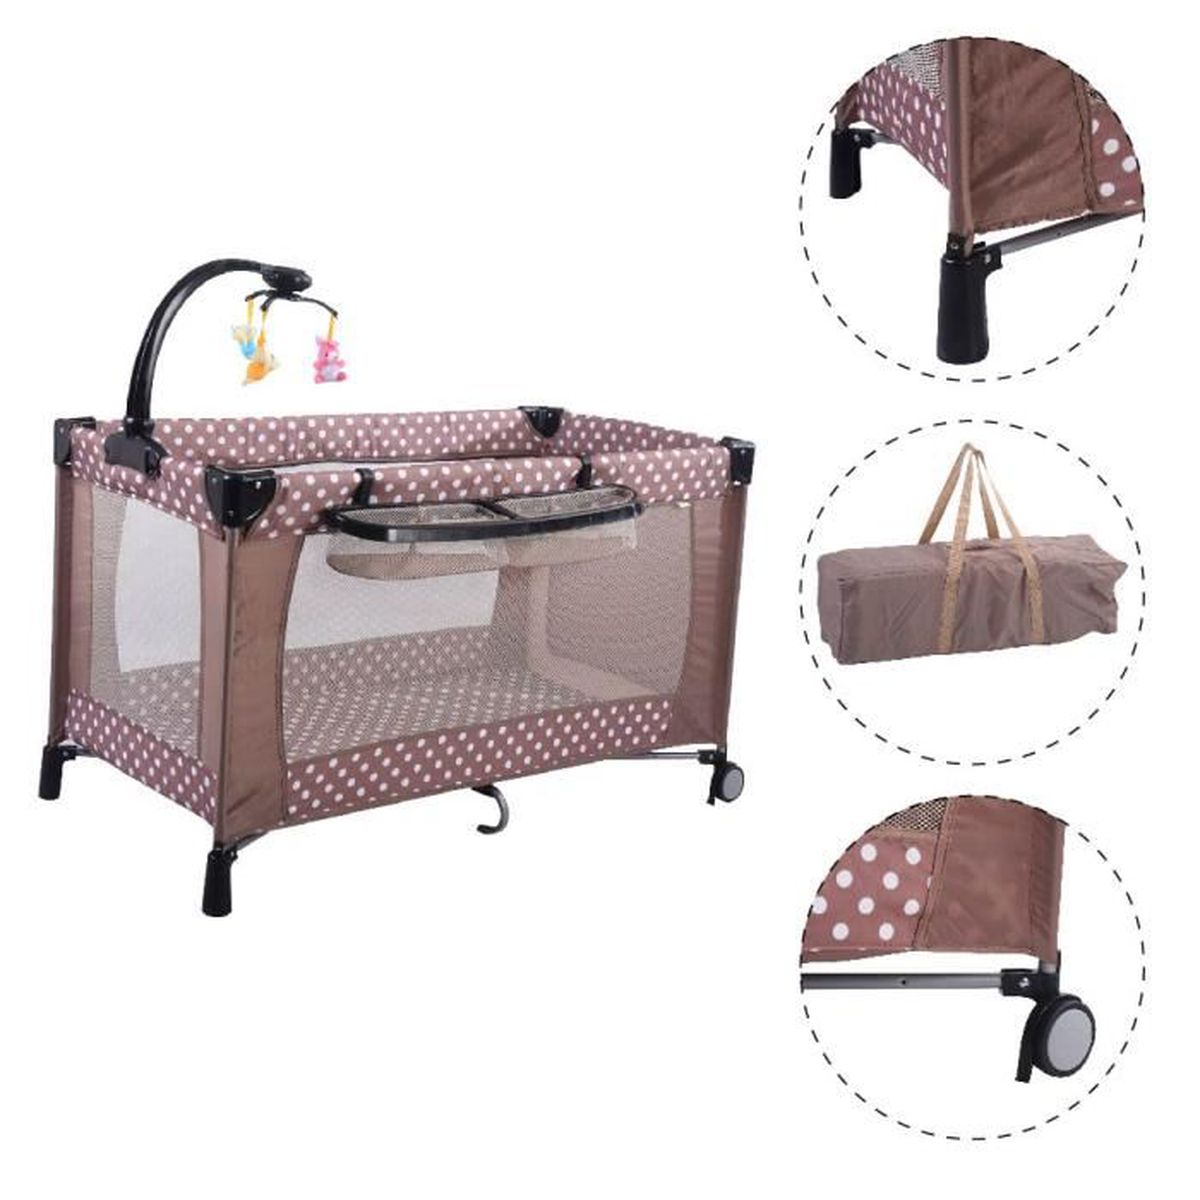 lit b b pliant parc pour b b parapluie avec accessoires matelas lit de voyage marron achat. Black Bedroom Furniture Sets. Home Design Ideas